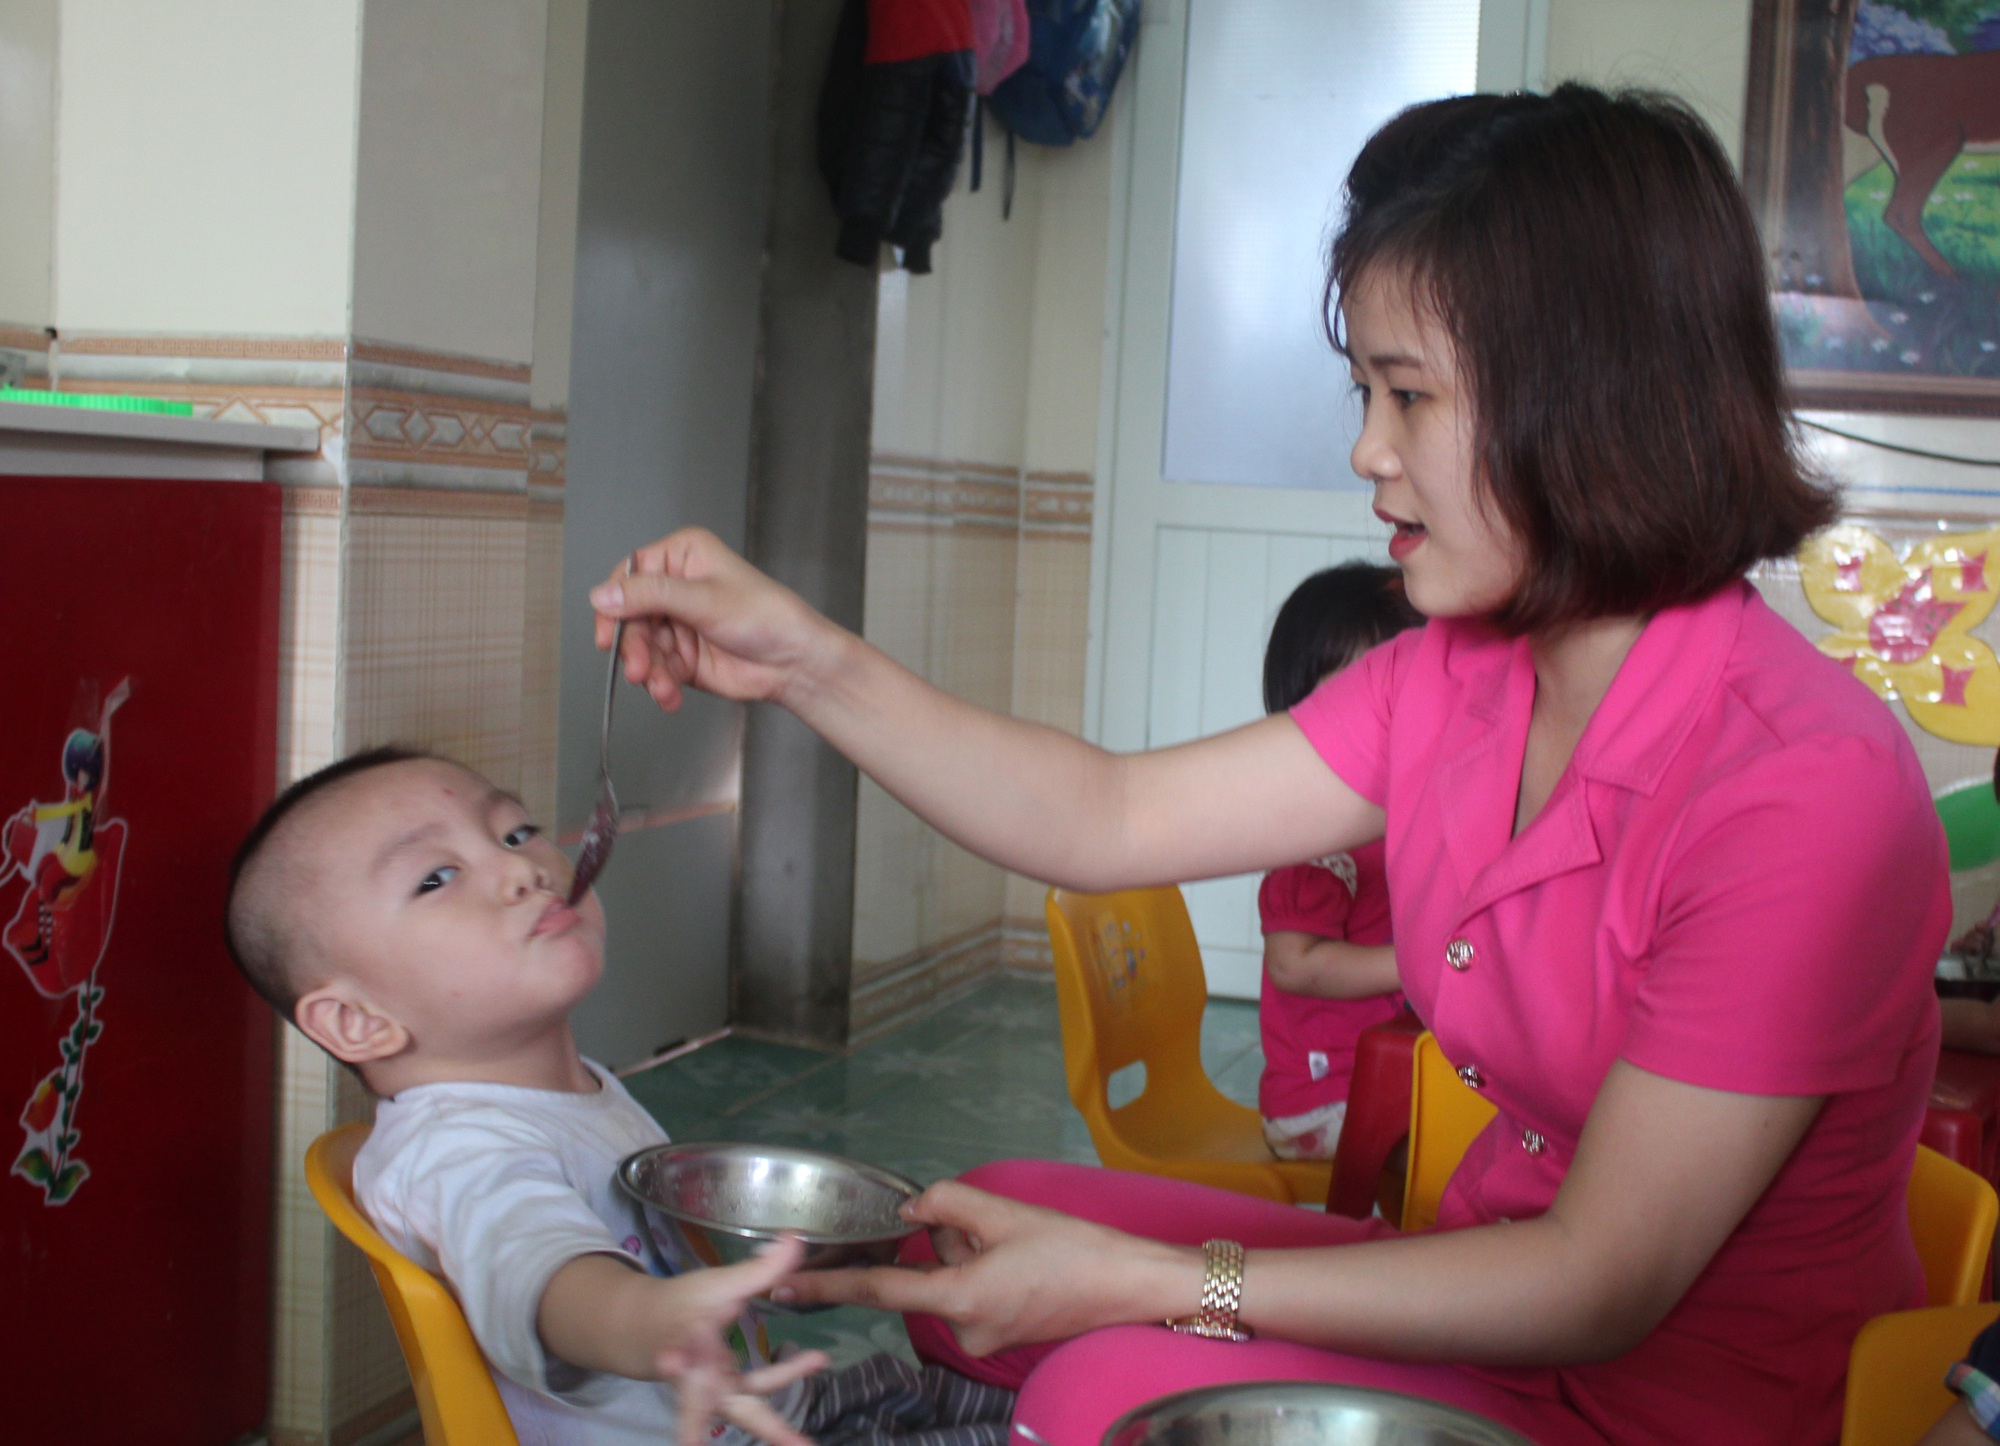 Công việc của các giáo viên mầm non thường bắt đầu từ lúc 6h30 phút sáng, bắt đầu bằng việc đón trẻ và cho trẻ ăn.